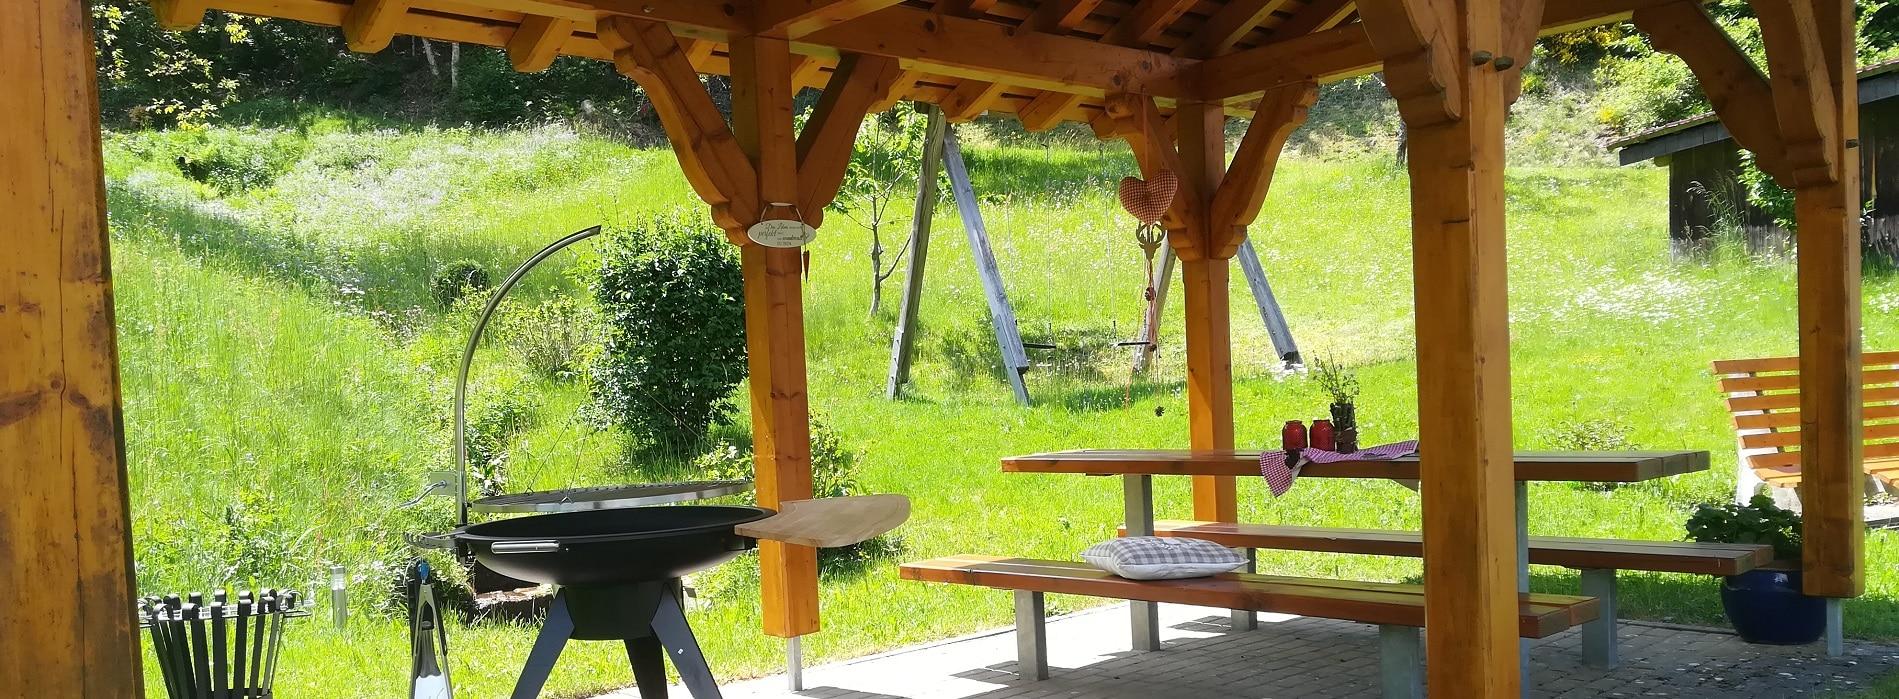 Grillstelle unter der Pergola beim Stinneshof